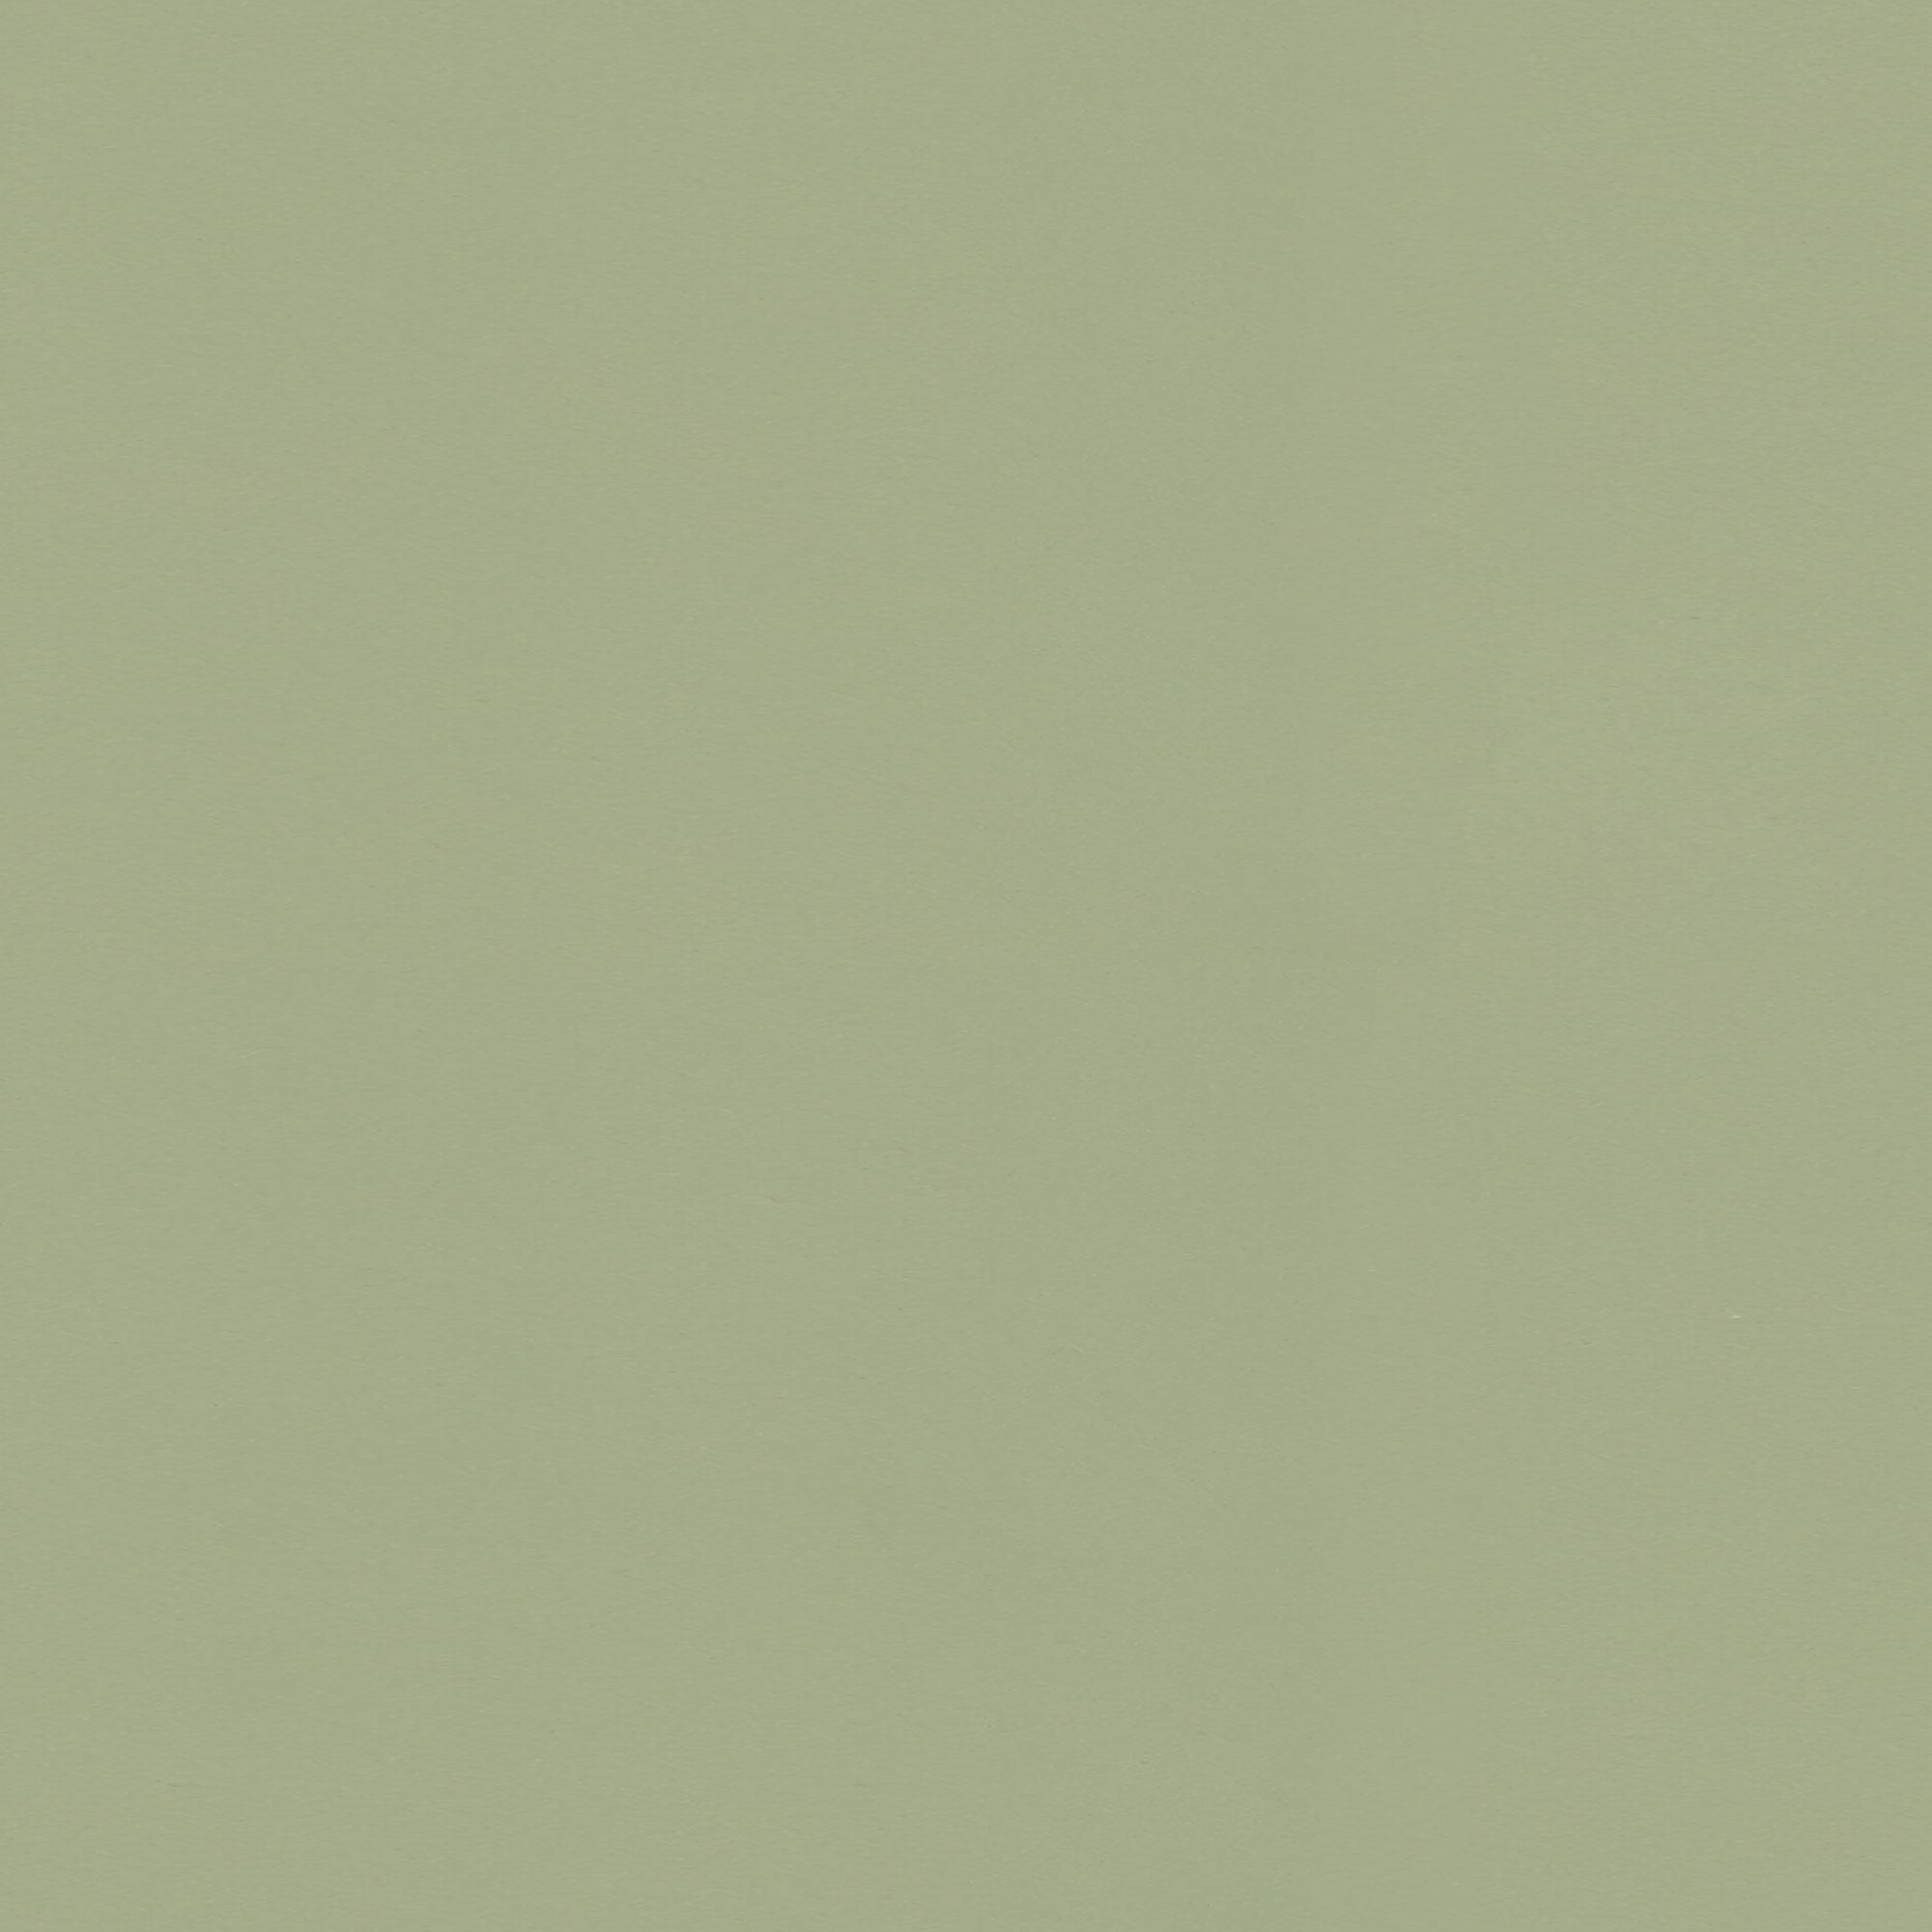 Шведские обои Sandberg,  коллекция Linnea, артикул532-58